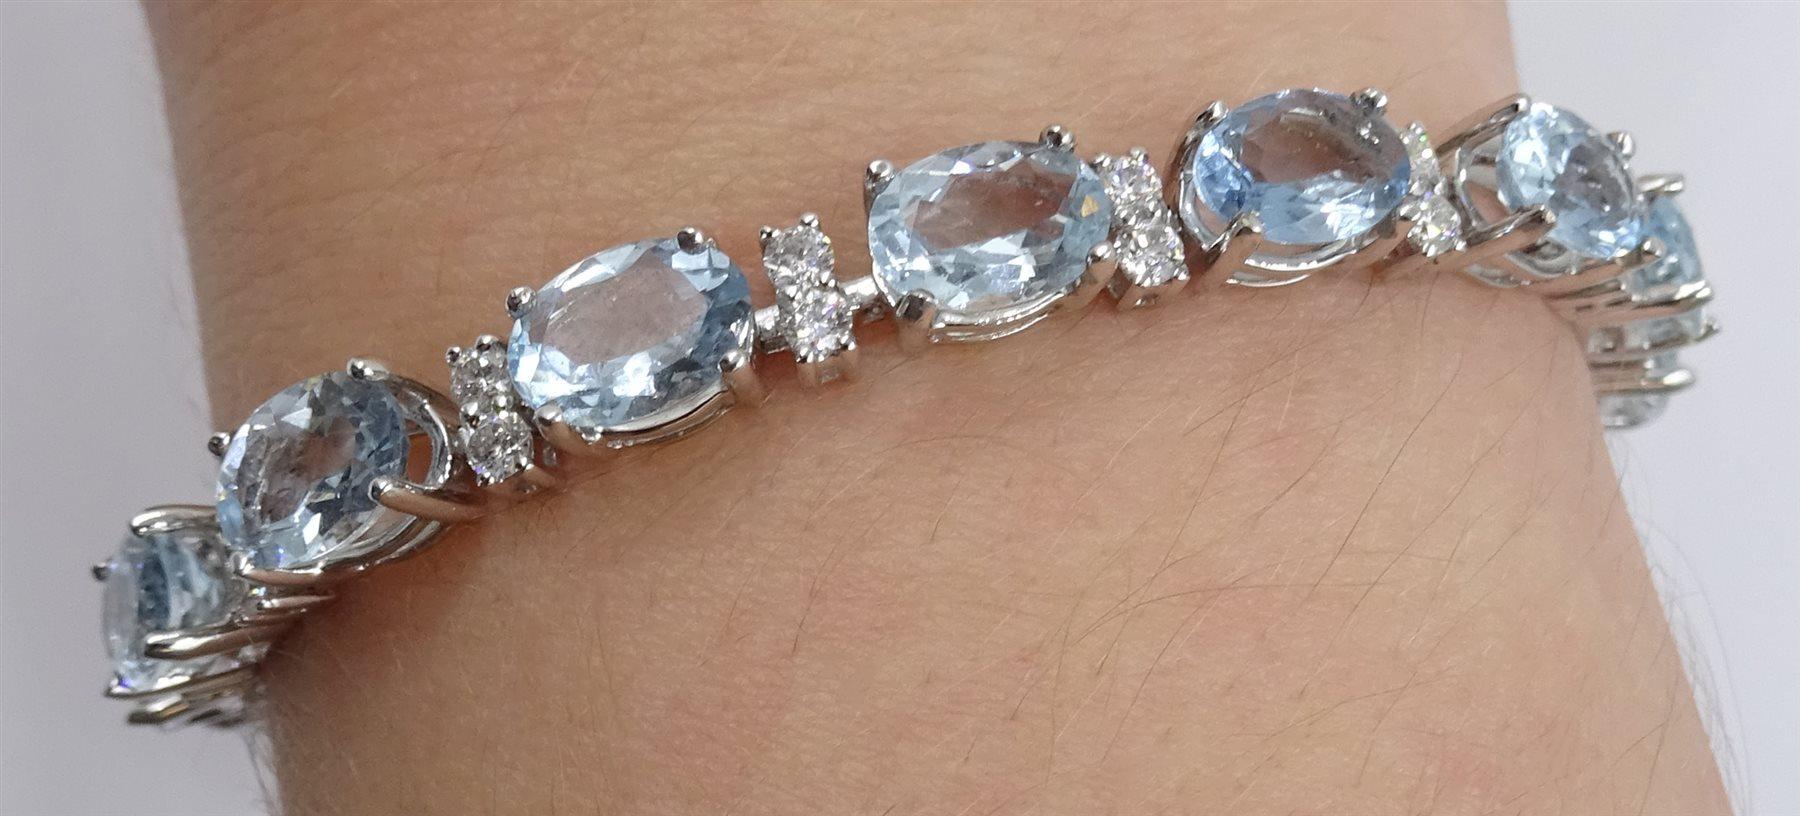 18ct white gold oval aquamarine and diamond bracelet - Image 2 of 5